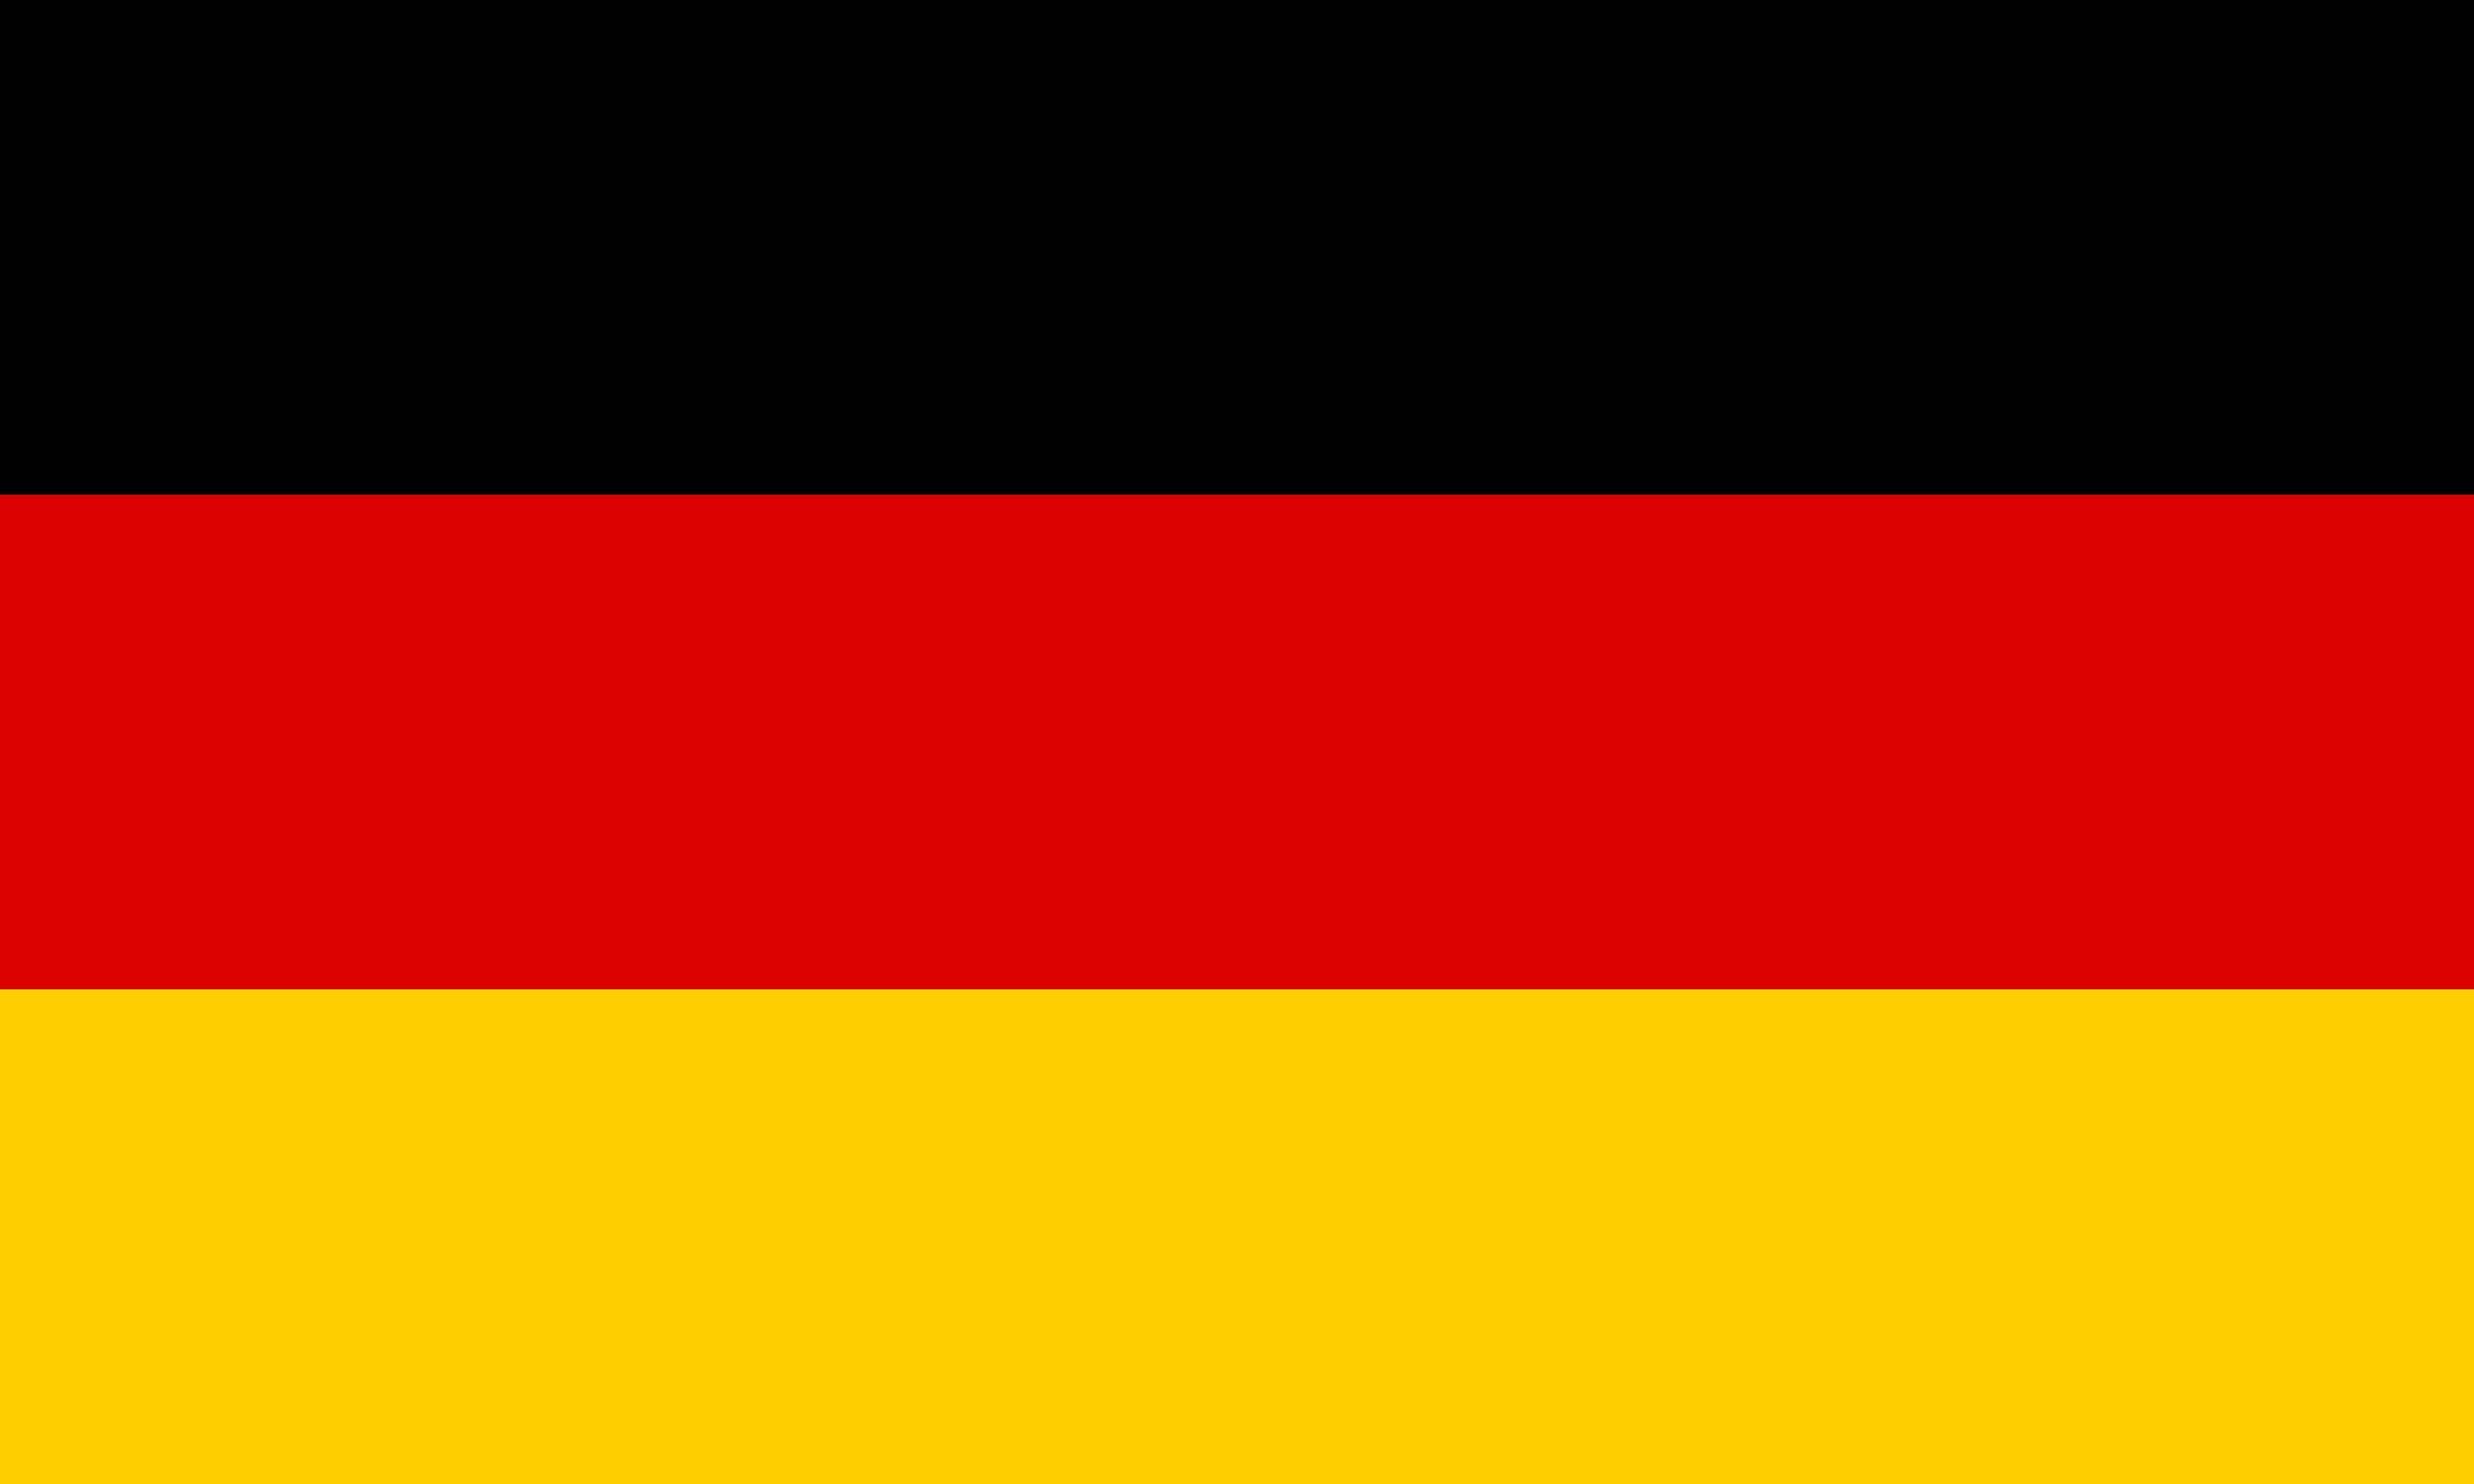 Drapeau De L'allemagne, Drapeaux Du Pays Allemagne dedans Drapeaux Européens À Imprimer